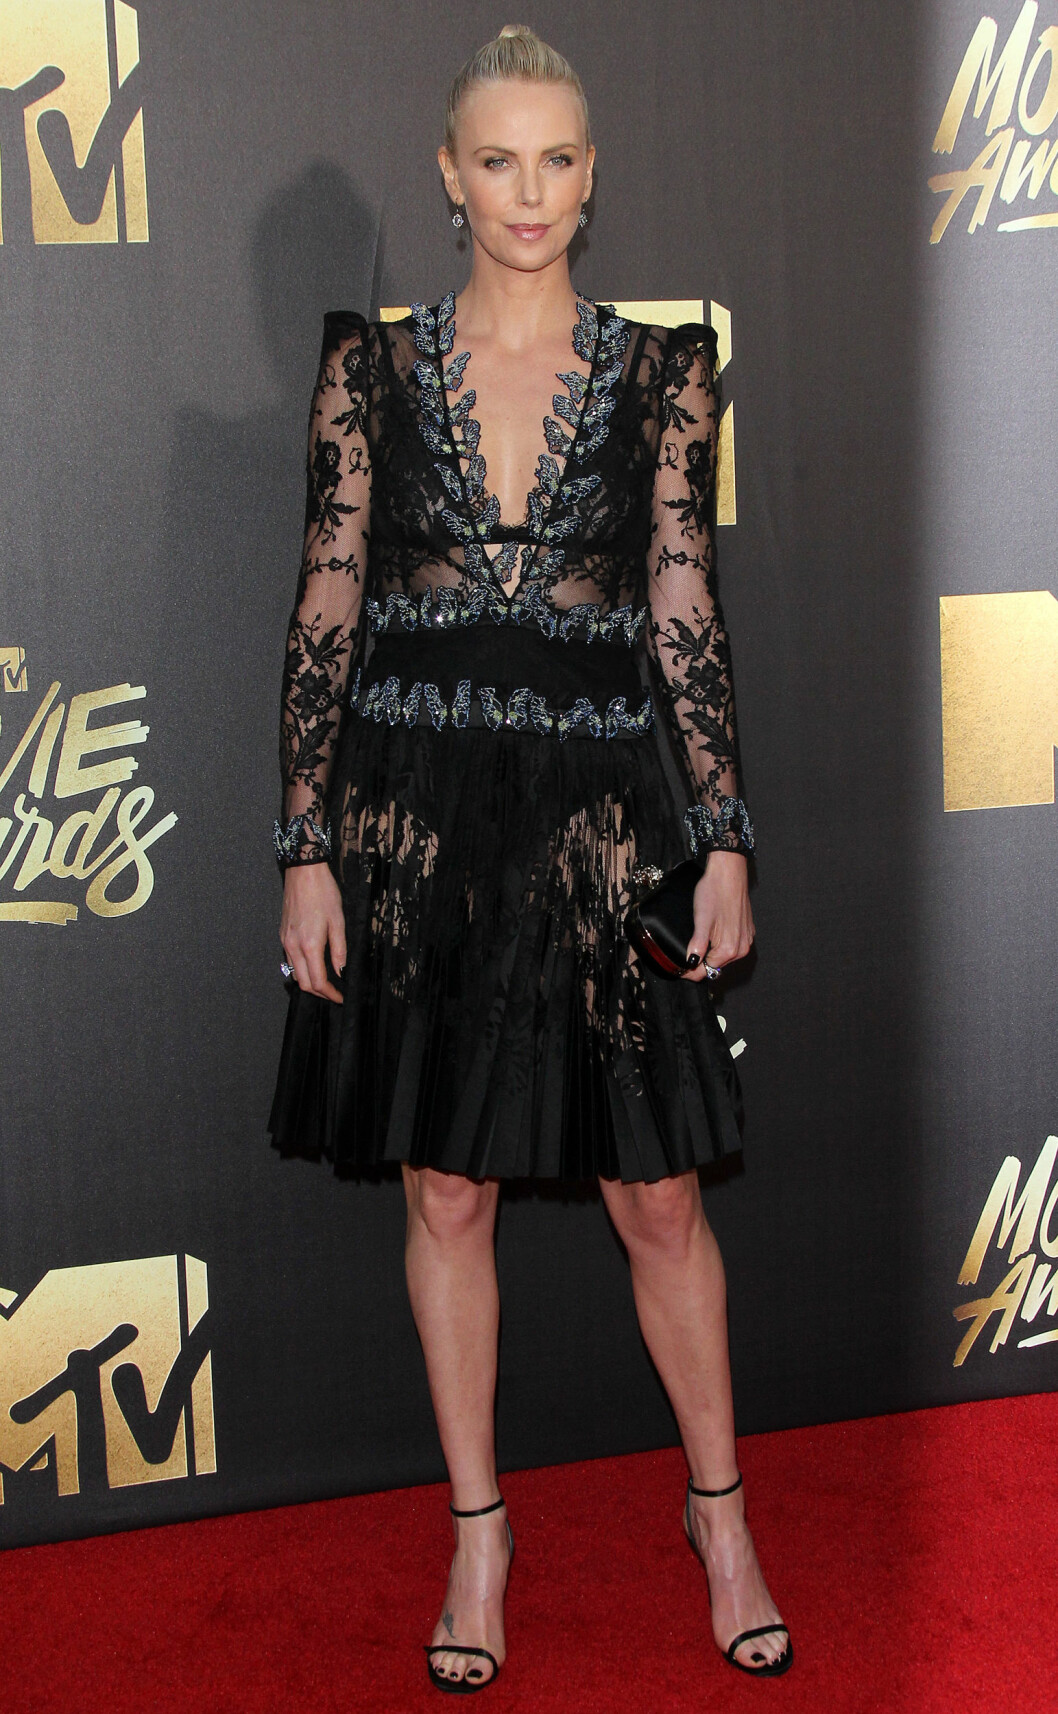 SORT BLONDER: Charlize Theron gikk for å relekker kjole i sort blonder.    4/9/16, Burbank, California, United States of America  Broadimage Newswire Los Angeles 1+  (310) 301-1027 New York      1+  (646) 827-9134 sales@broadimage.com http://www.broadimage.com Foto: Broadimage